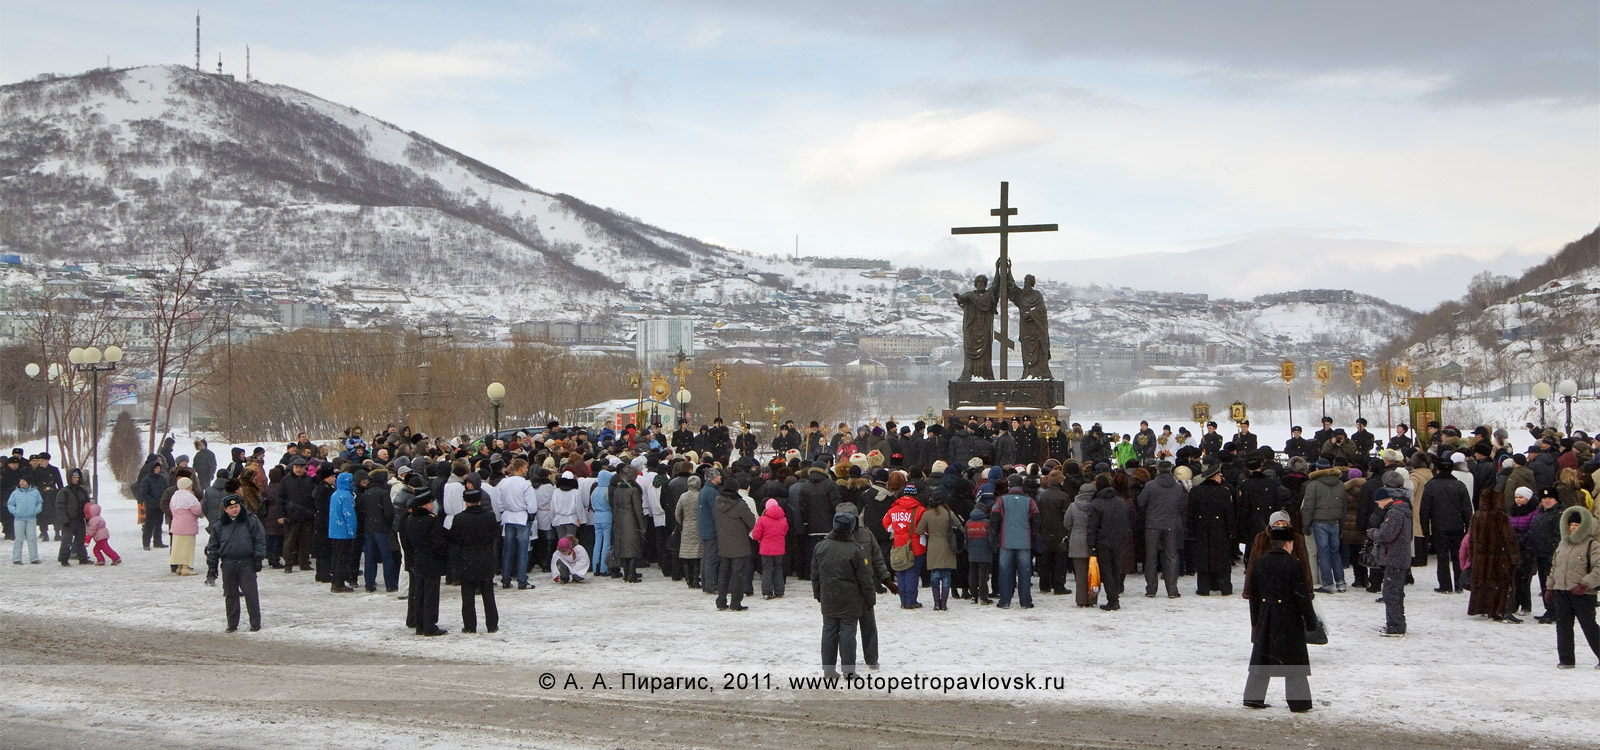 Фотография: памятник Святым апостолам Петру и Павлу в городе Петропавловске-Камчатском. 7 января — Рождество Христово